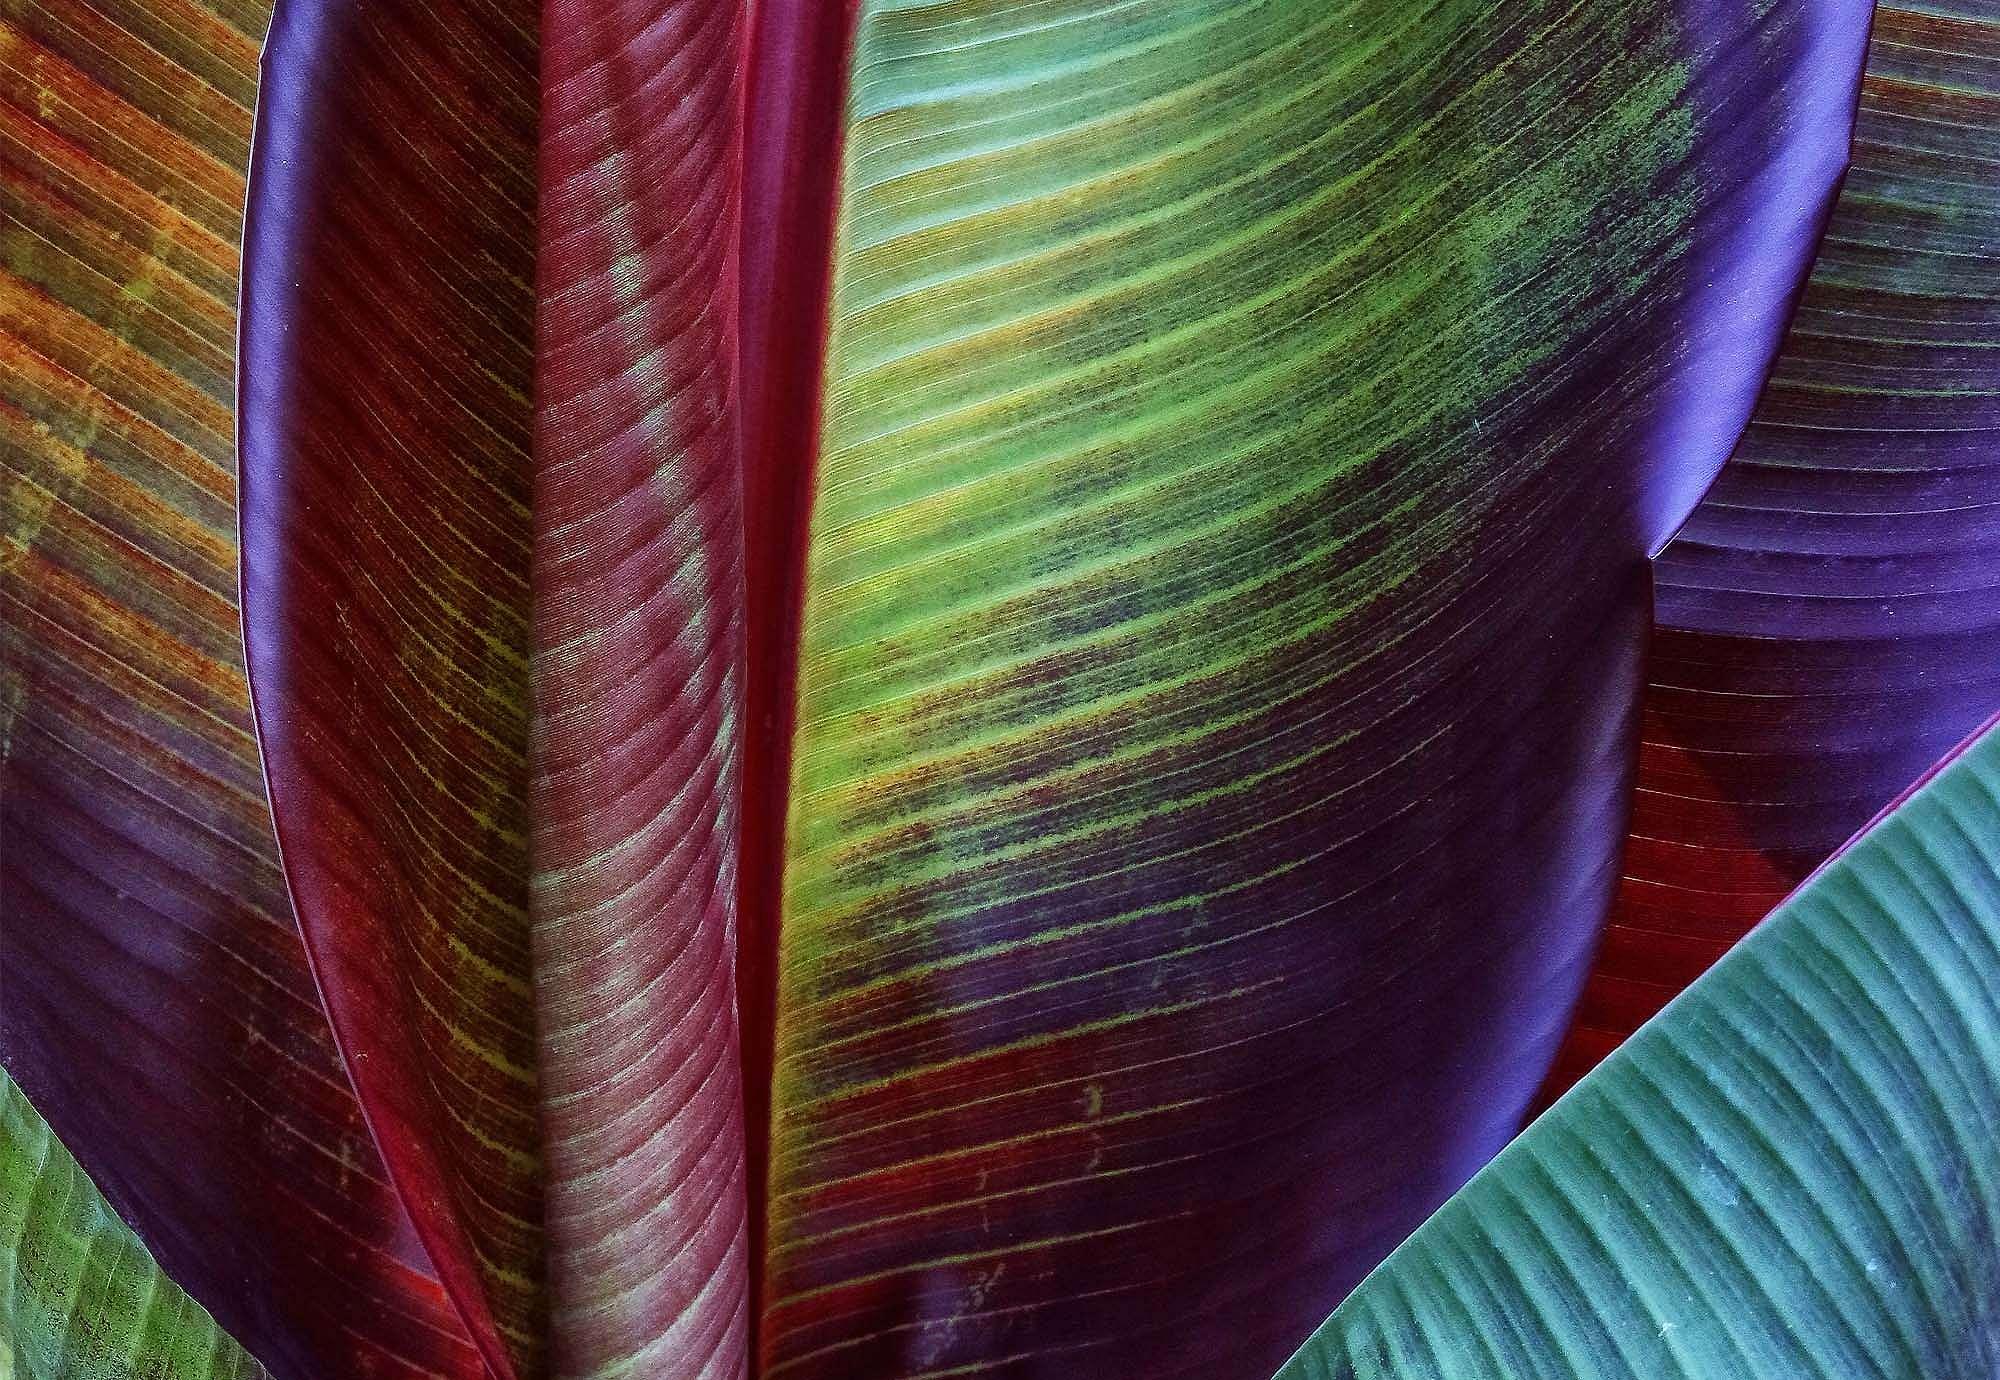 Fali poszter színes banánlevél mintával trópusi hangulatban